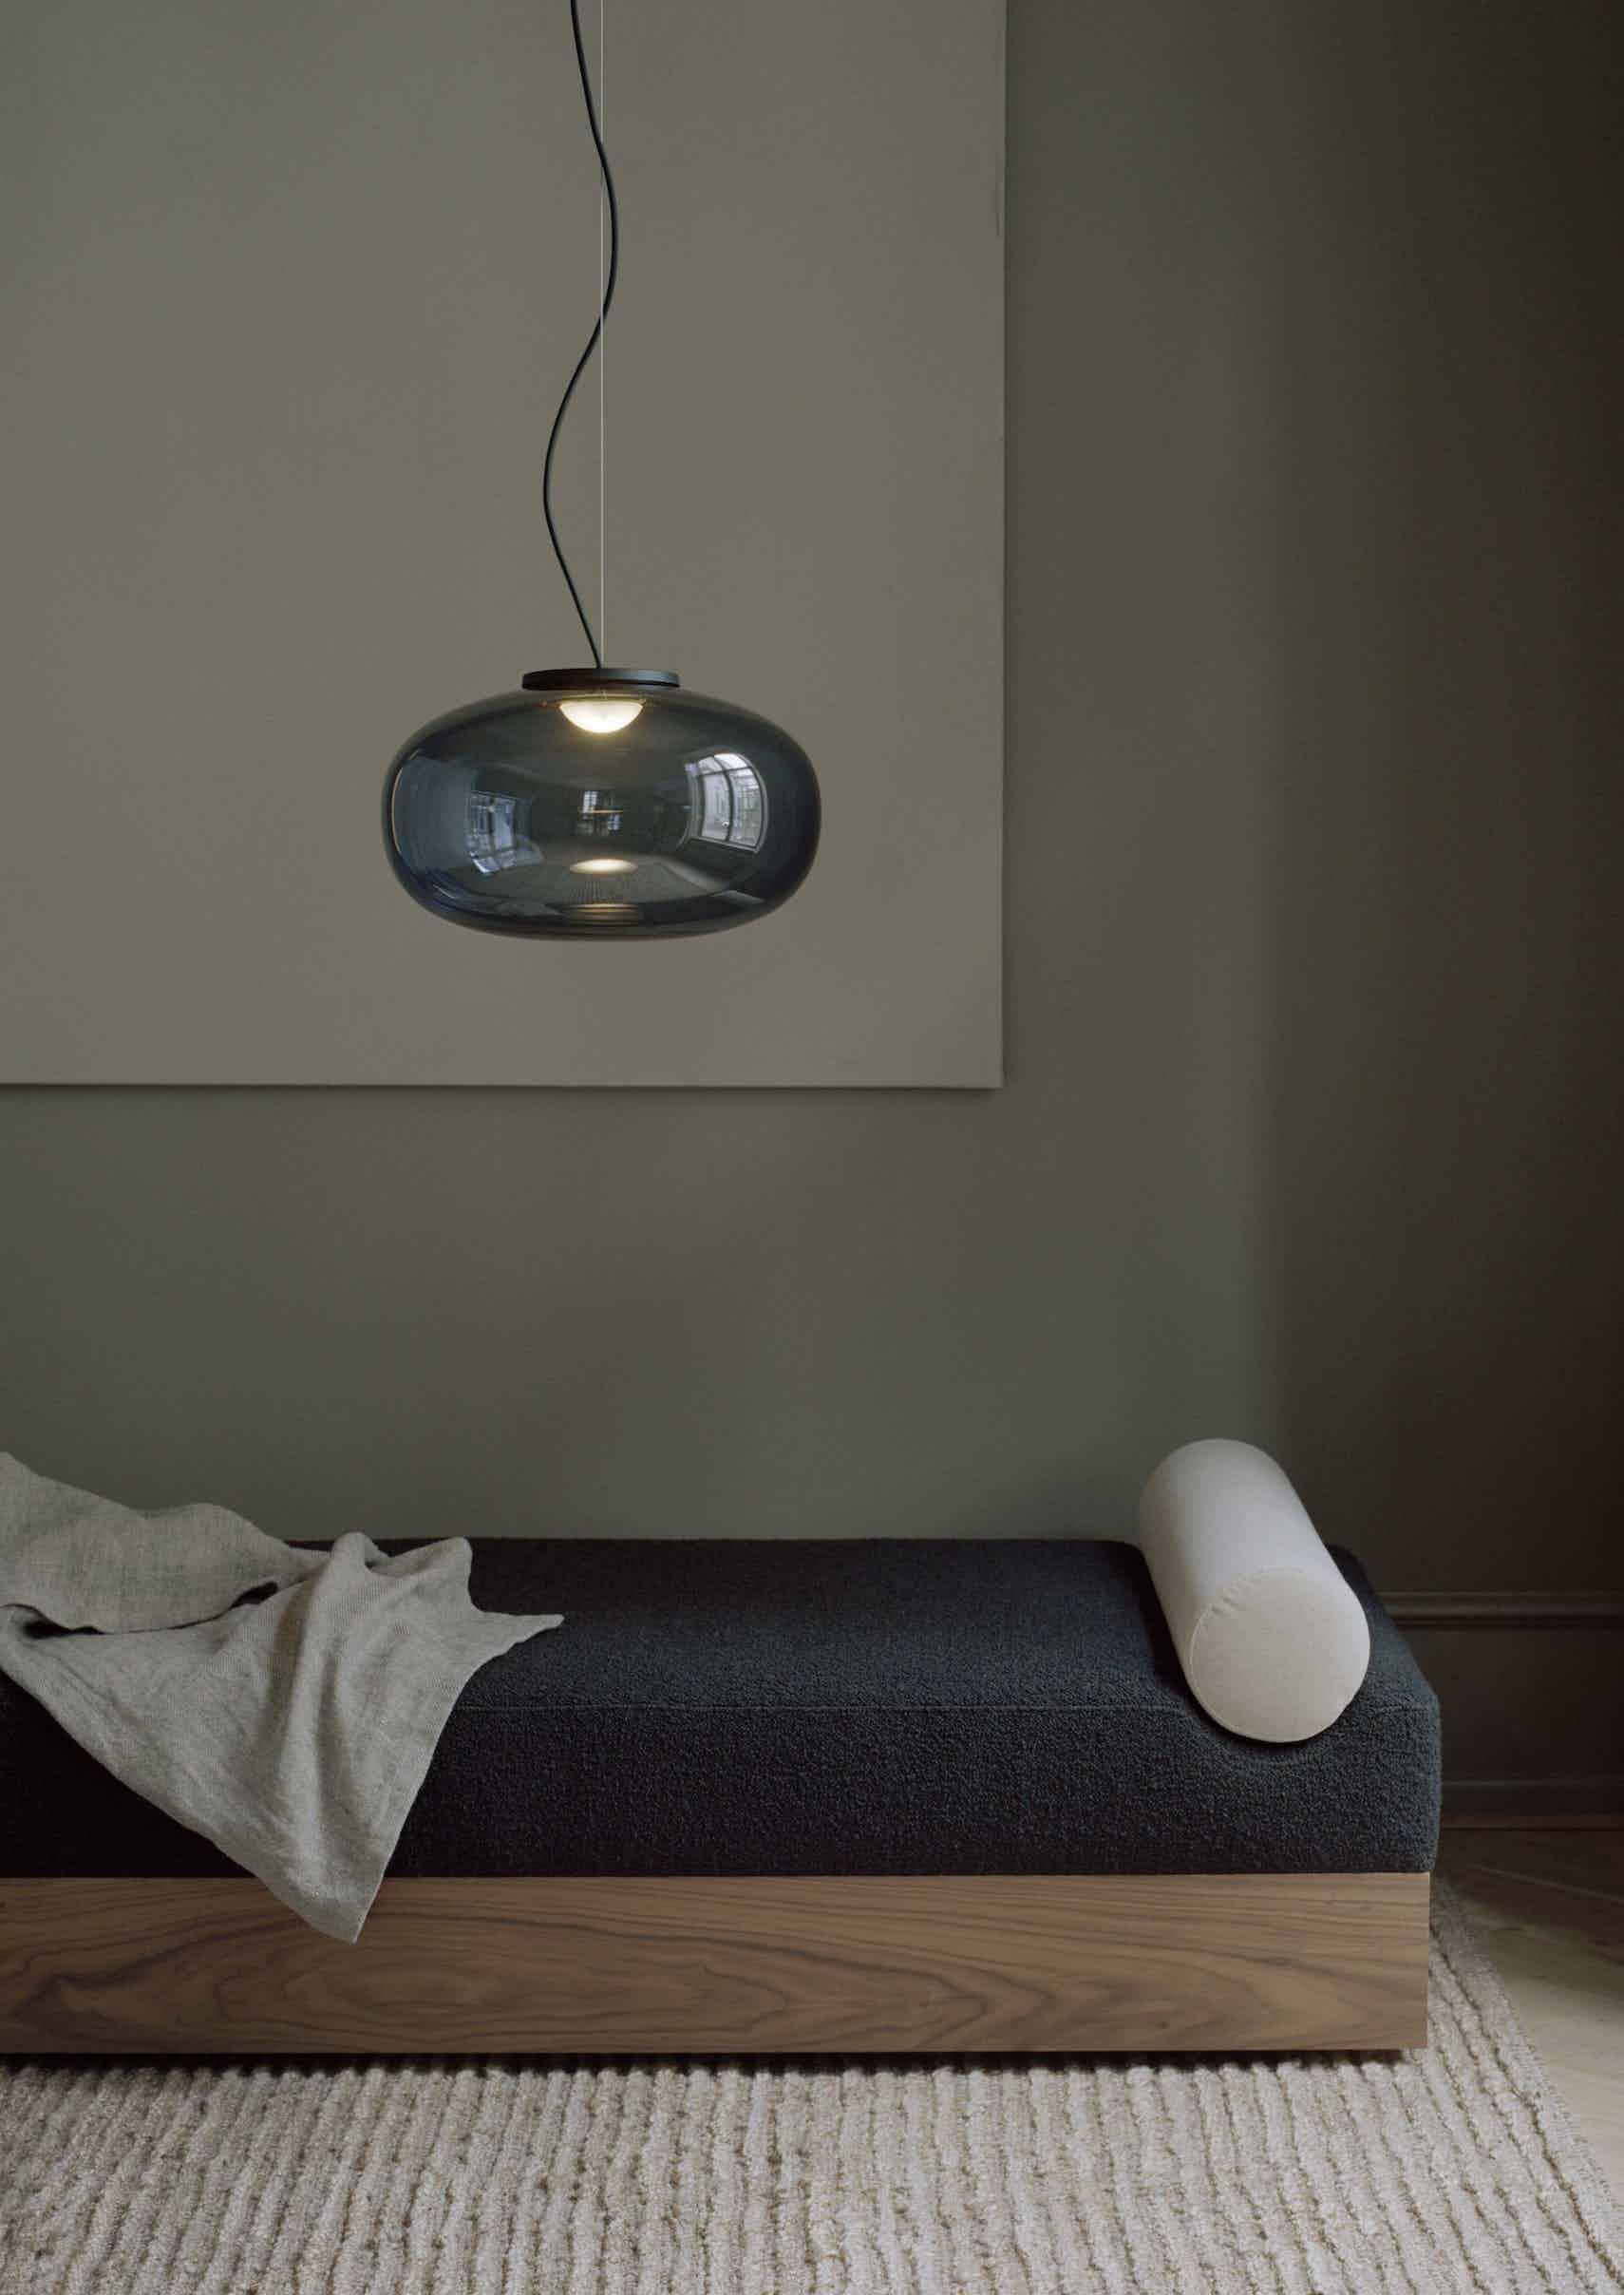 New works furniture karl johan pendant lamp insitu haute living